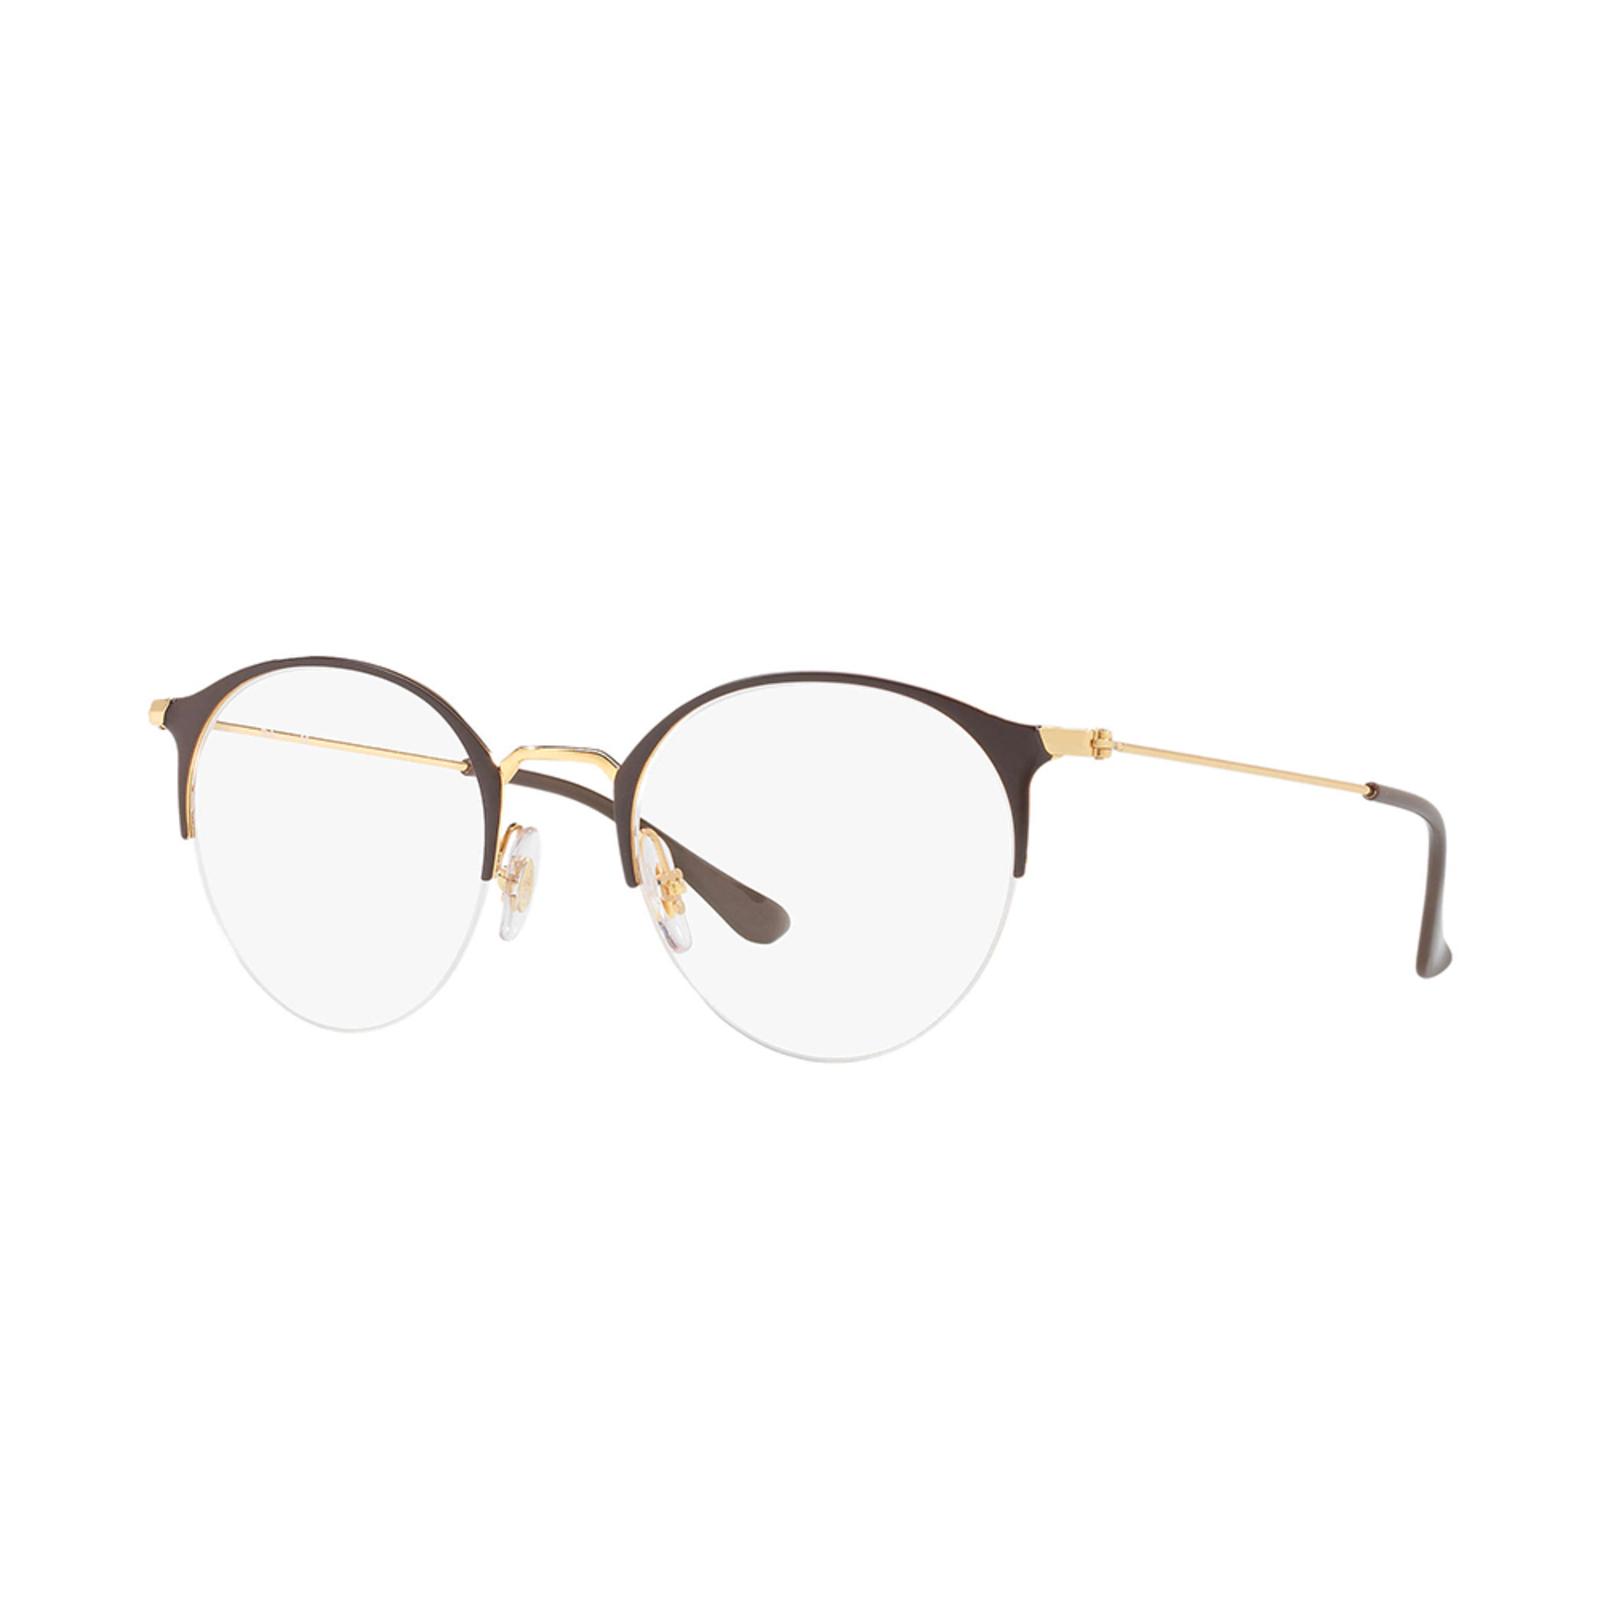 Armacao De Grau 0rx3578v Ray Ban Brasil Armacoes De Oculos